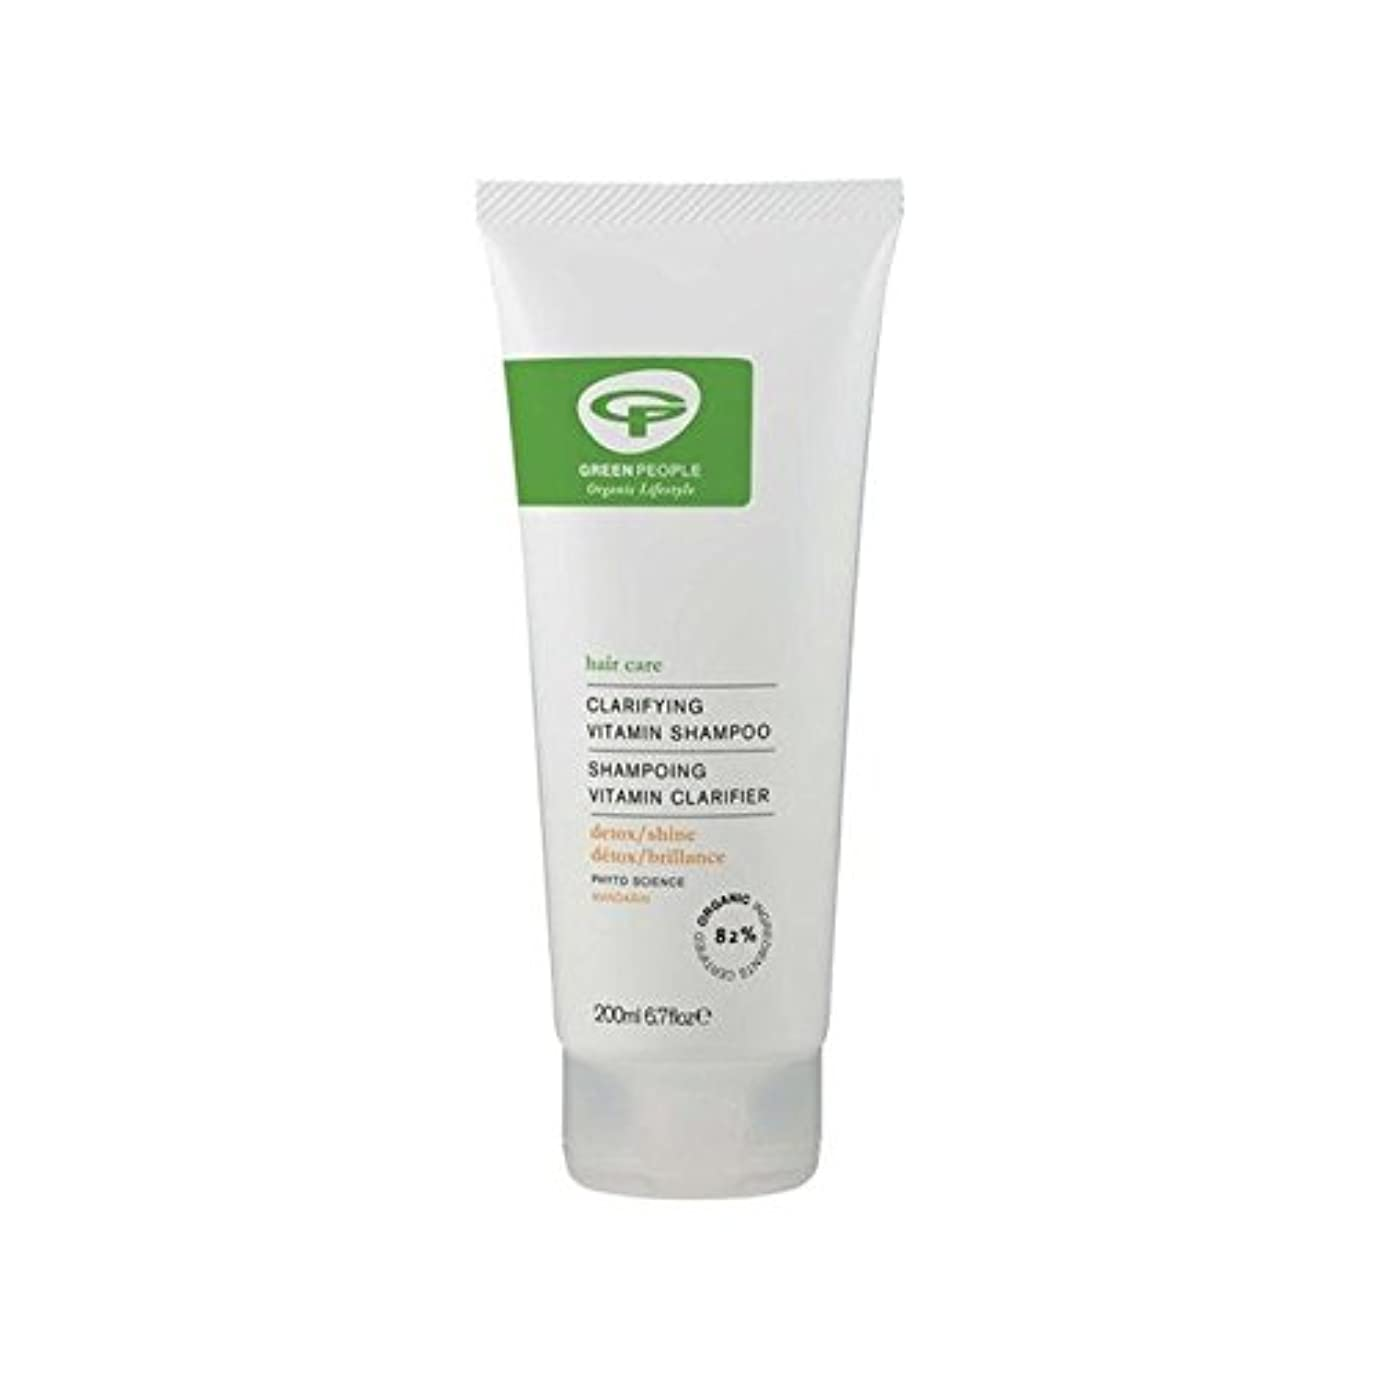 呼ぶ代理店ベックスGreen People Vitamin Shampoo (200ml) (Pack of 6) - 緑の人々のビタミンシャンプー(200ミリリットル) x6 [並行輸入品]